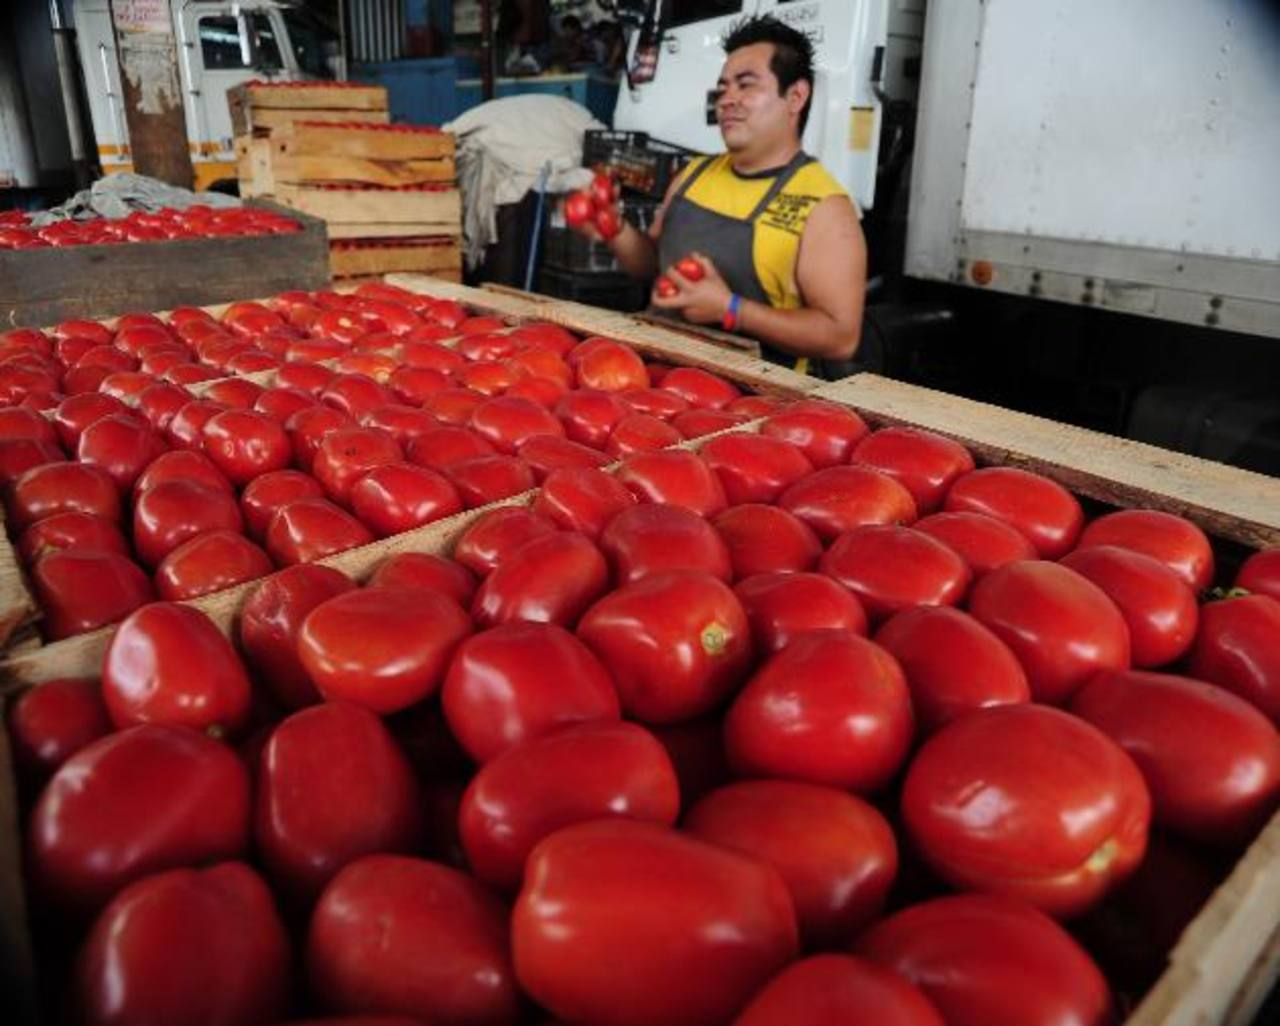 La mayoría de los productos de la canasta básica alimentaria subieron de precio en el último mes. Foto edh / archivo